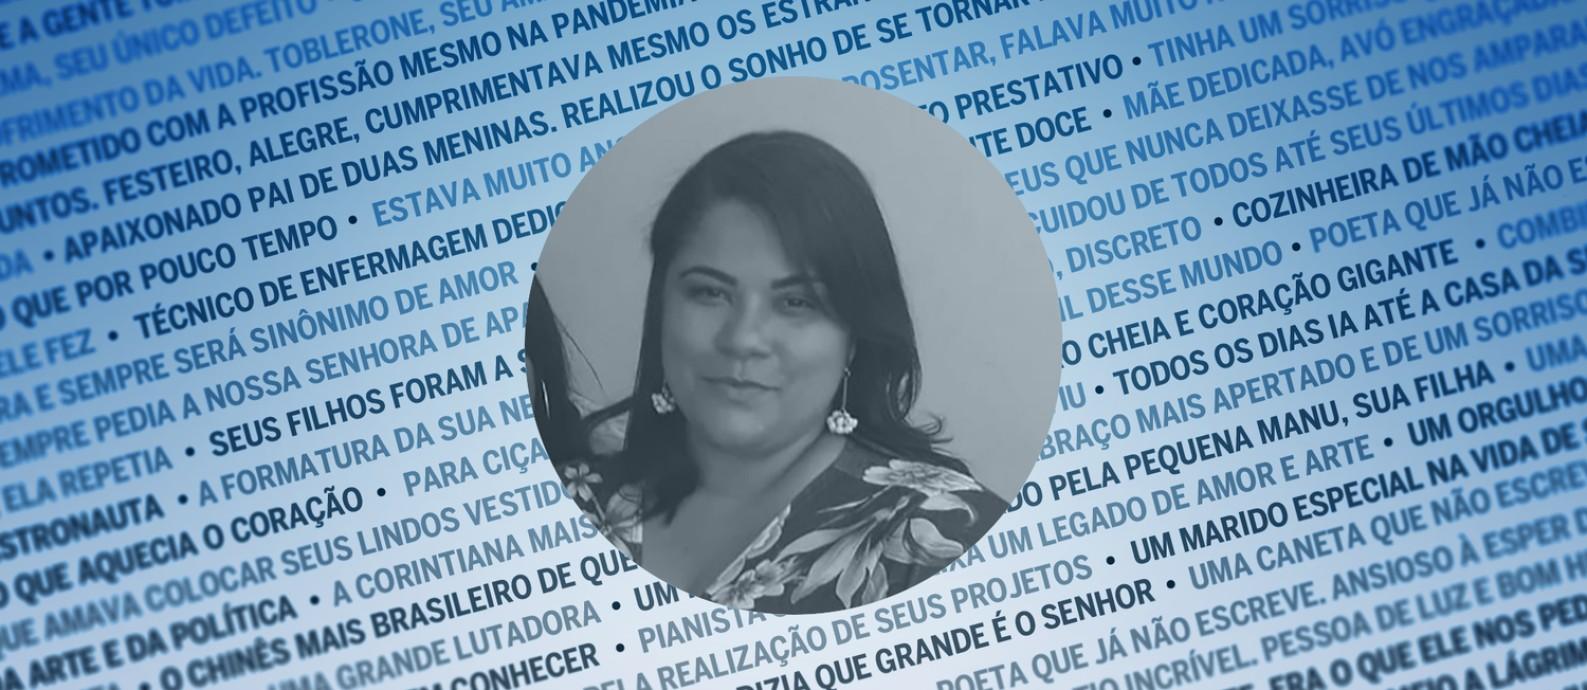 Carla de Oliveira Obelar, auxiliar de enfermagem, foi vítima da Covid-19 Foto: Arquivo pessoal